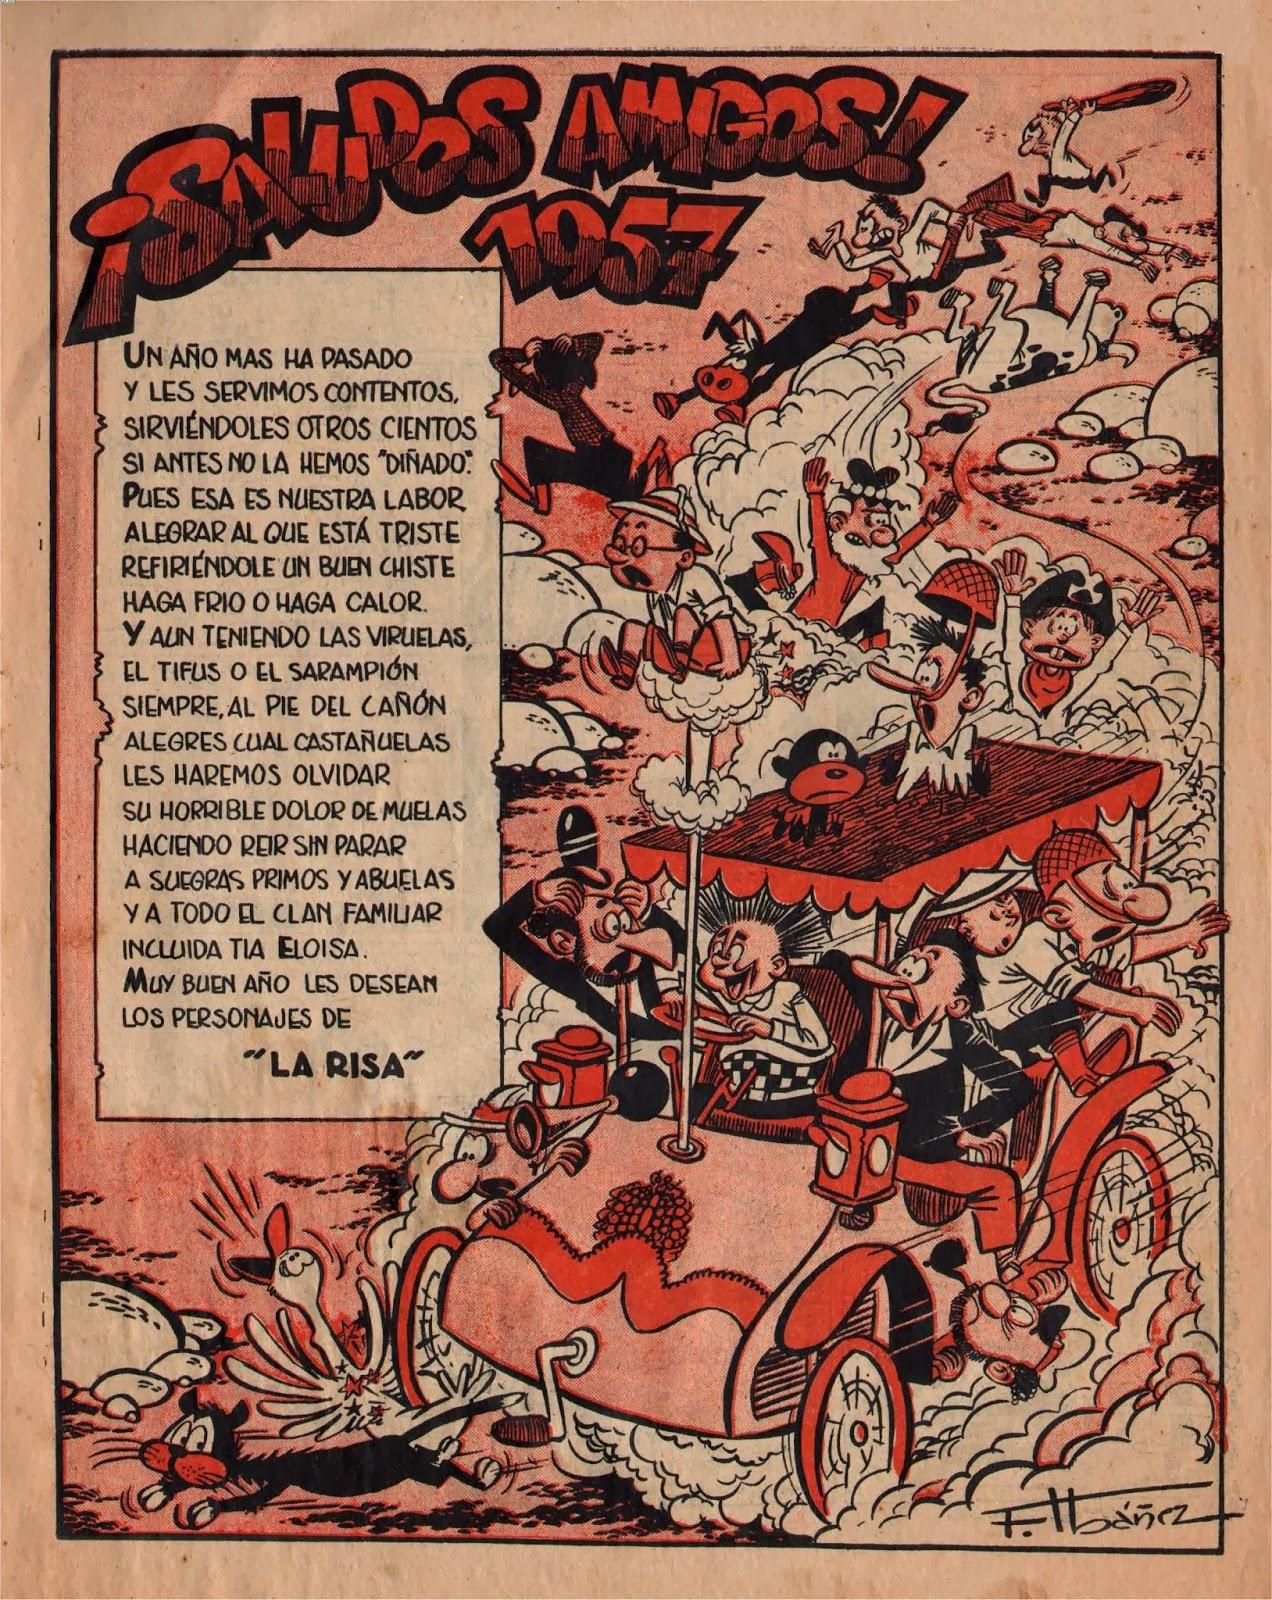 Ilustración con personajes de la Risa, Almanaque 1957